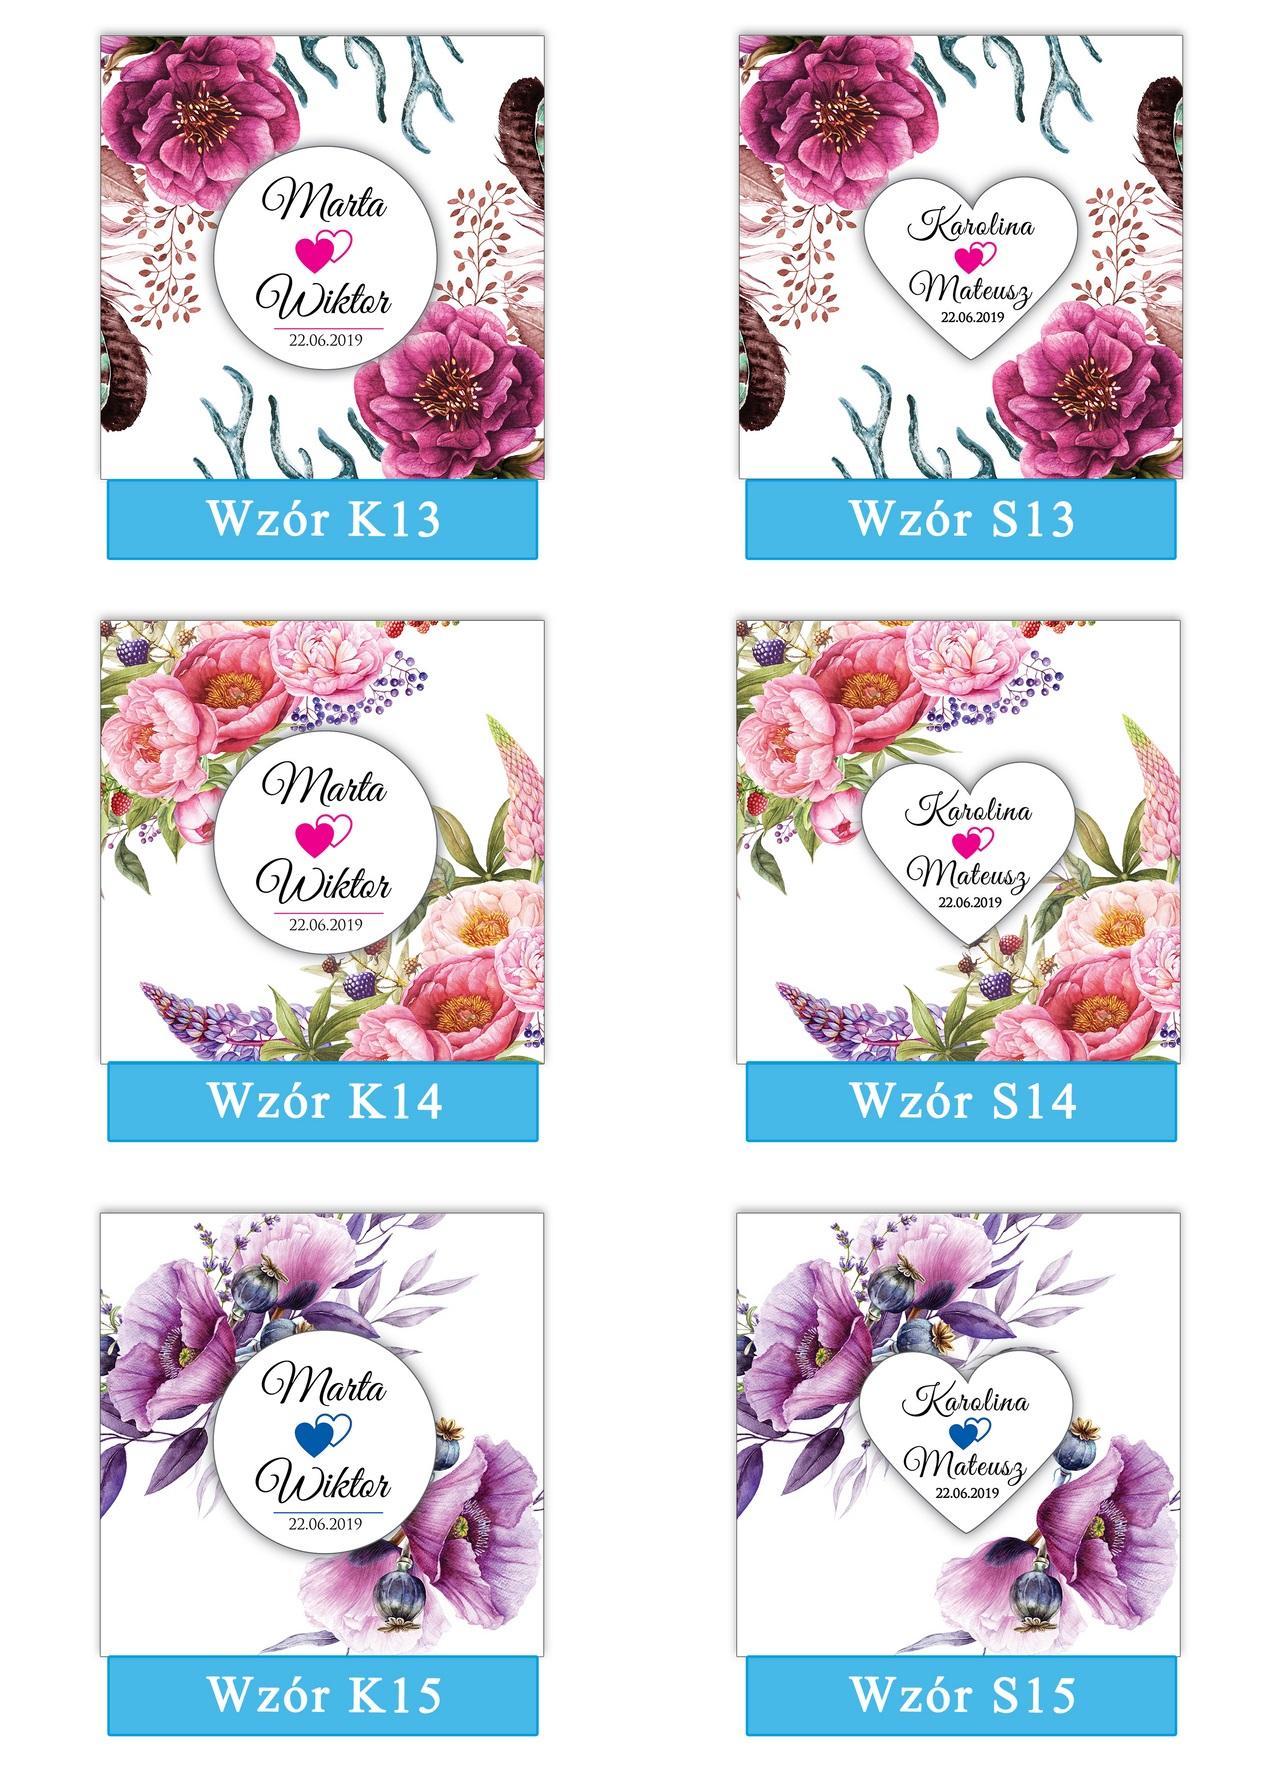 zaproszenia-ślubne-boho-rustykalne-kwiatowe-Nikola-ze-wstążką-kwiaty boho-plansza-wzory13-15